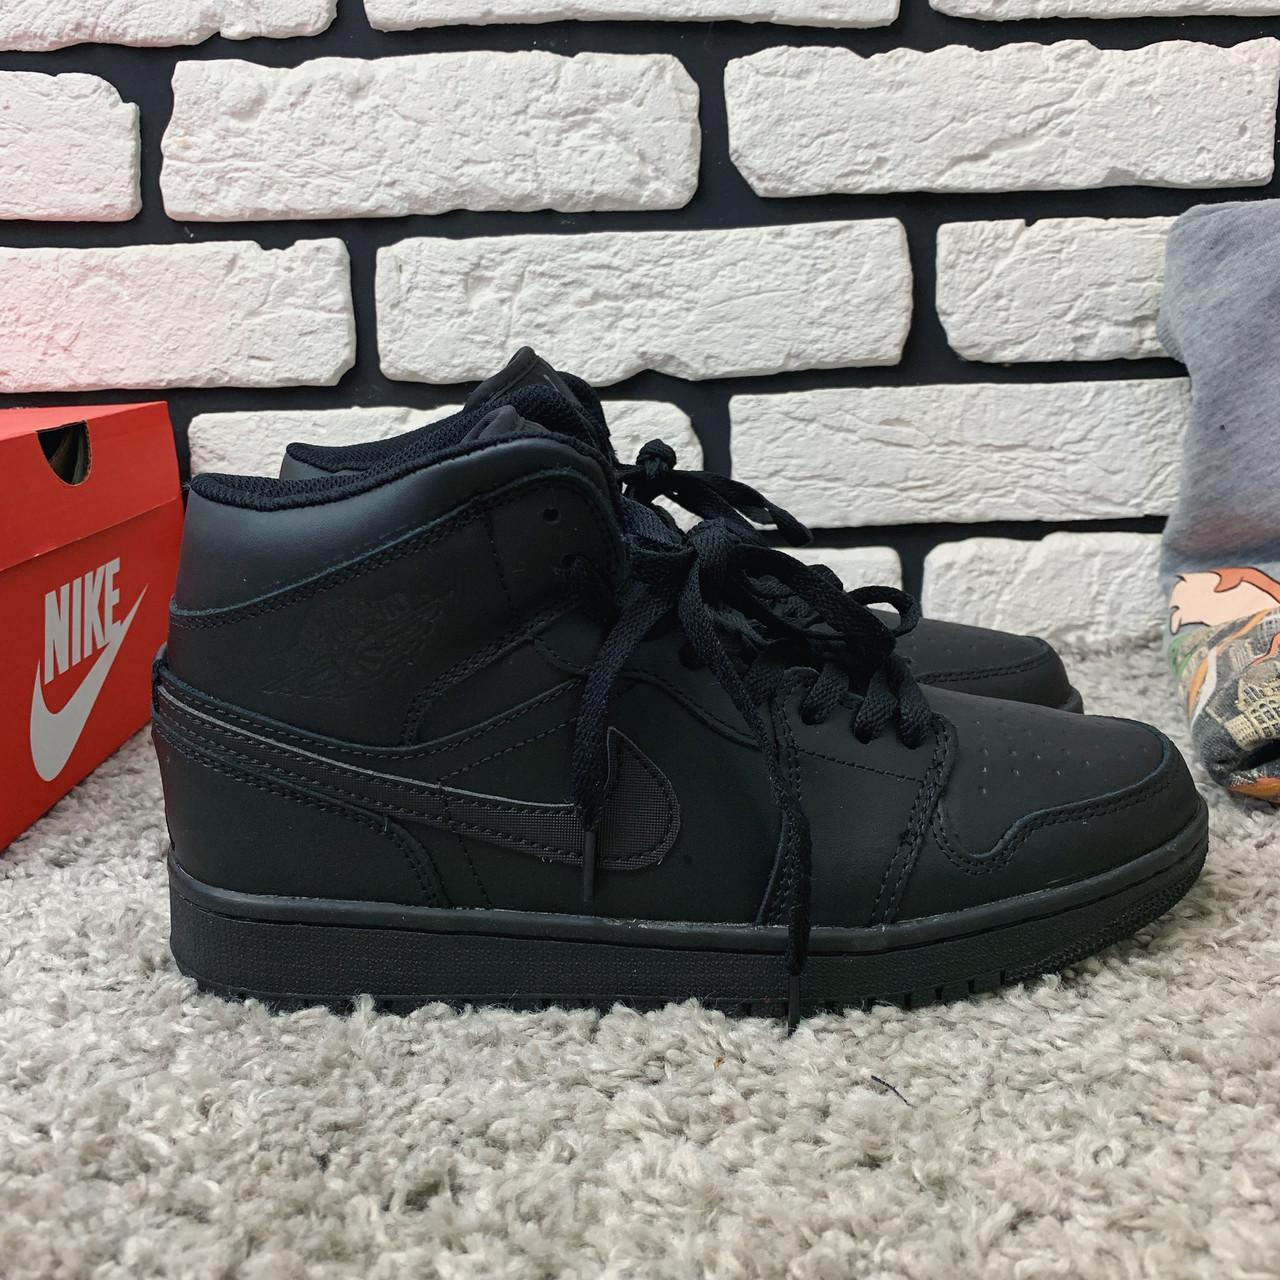 Зимние кроссовки (на меху) мужские Nike Air Jordan (реплика) 1-067 ⏩ [ 41,46 ]